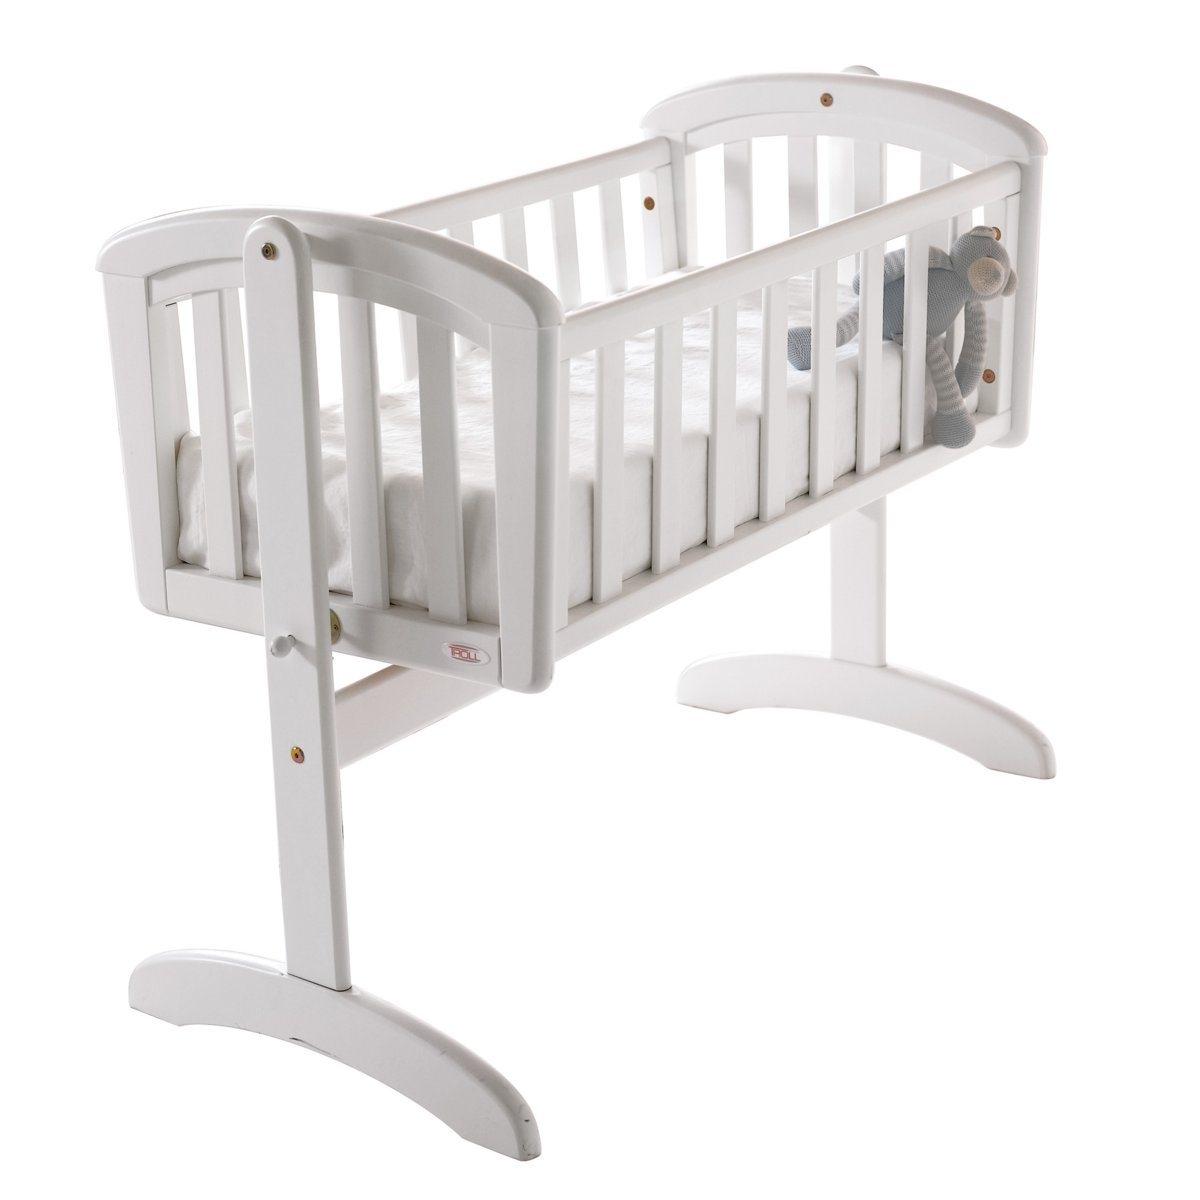 Колыбель-качалка для новорожденных, LoftКолыбель-качалка для новорожденных Loft .  В комплекте - матрас, колыбель сочетается с другой мебелью для комнаты Loft (кровать с перекладинами, раскладная кровать, комод для пеленания и шкаф). Колыбель выполнена в изысканном современном стиле ХарактеристикиОписание колыбели-качалки для новорожденных Loft  :Колыбель-качалка с ограничителями. Цельное кроватное основание   Адаптированный матрас размер.  89 x 38 x 5 см, покрытие из хлопковой ткани.  Характеристики колыбели-качалки для новорожденных Loft   :Каркас из массива березы Отделка водной краскойОснование из МДФНайдите всю коллекцию Loft на сайте laredoute.ru.Качество : Вся наша продукция отвечает действующим стандартам безопасности.   Размеры колыбели-качалки для новорожденных, Loft  :Длина : 105 смВысота : 82 смГлубина : 52,4 см Размеры и вес упаковки :1 упаковка106 x 18 x 56 см 14 кг Доставка на домКолыбель-качалка для новорожденных, Loft продается готовой к сборкеВаш товар будет доставлен по назначению, прямо на этажВнимание! Пожалуйста, убедитесь, что упаковка пройдет через проемы (двери, лестницы, лифты)<br><br>Цвет: белый